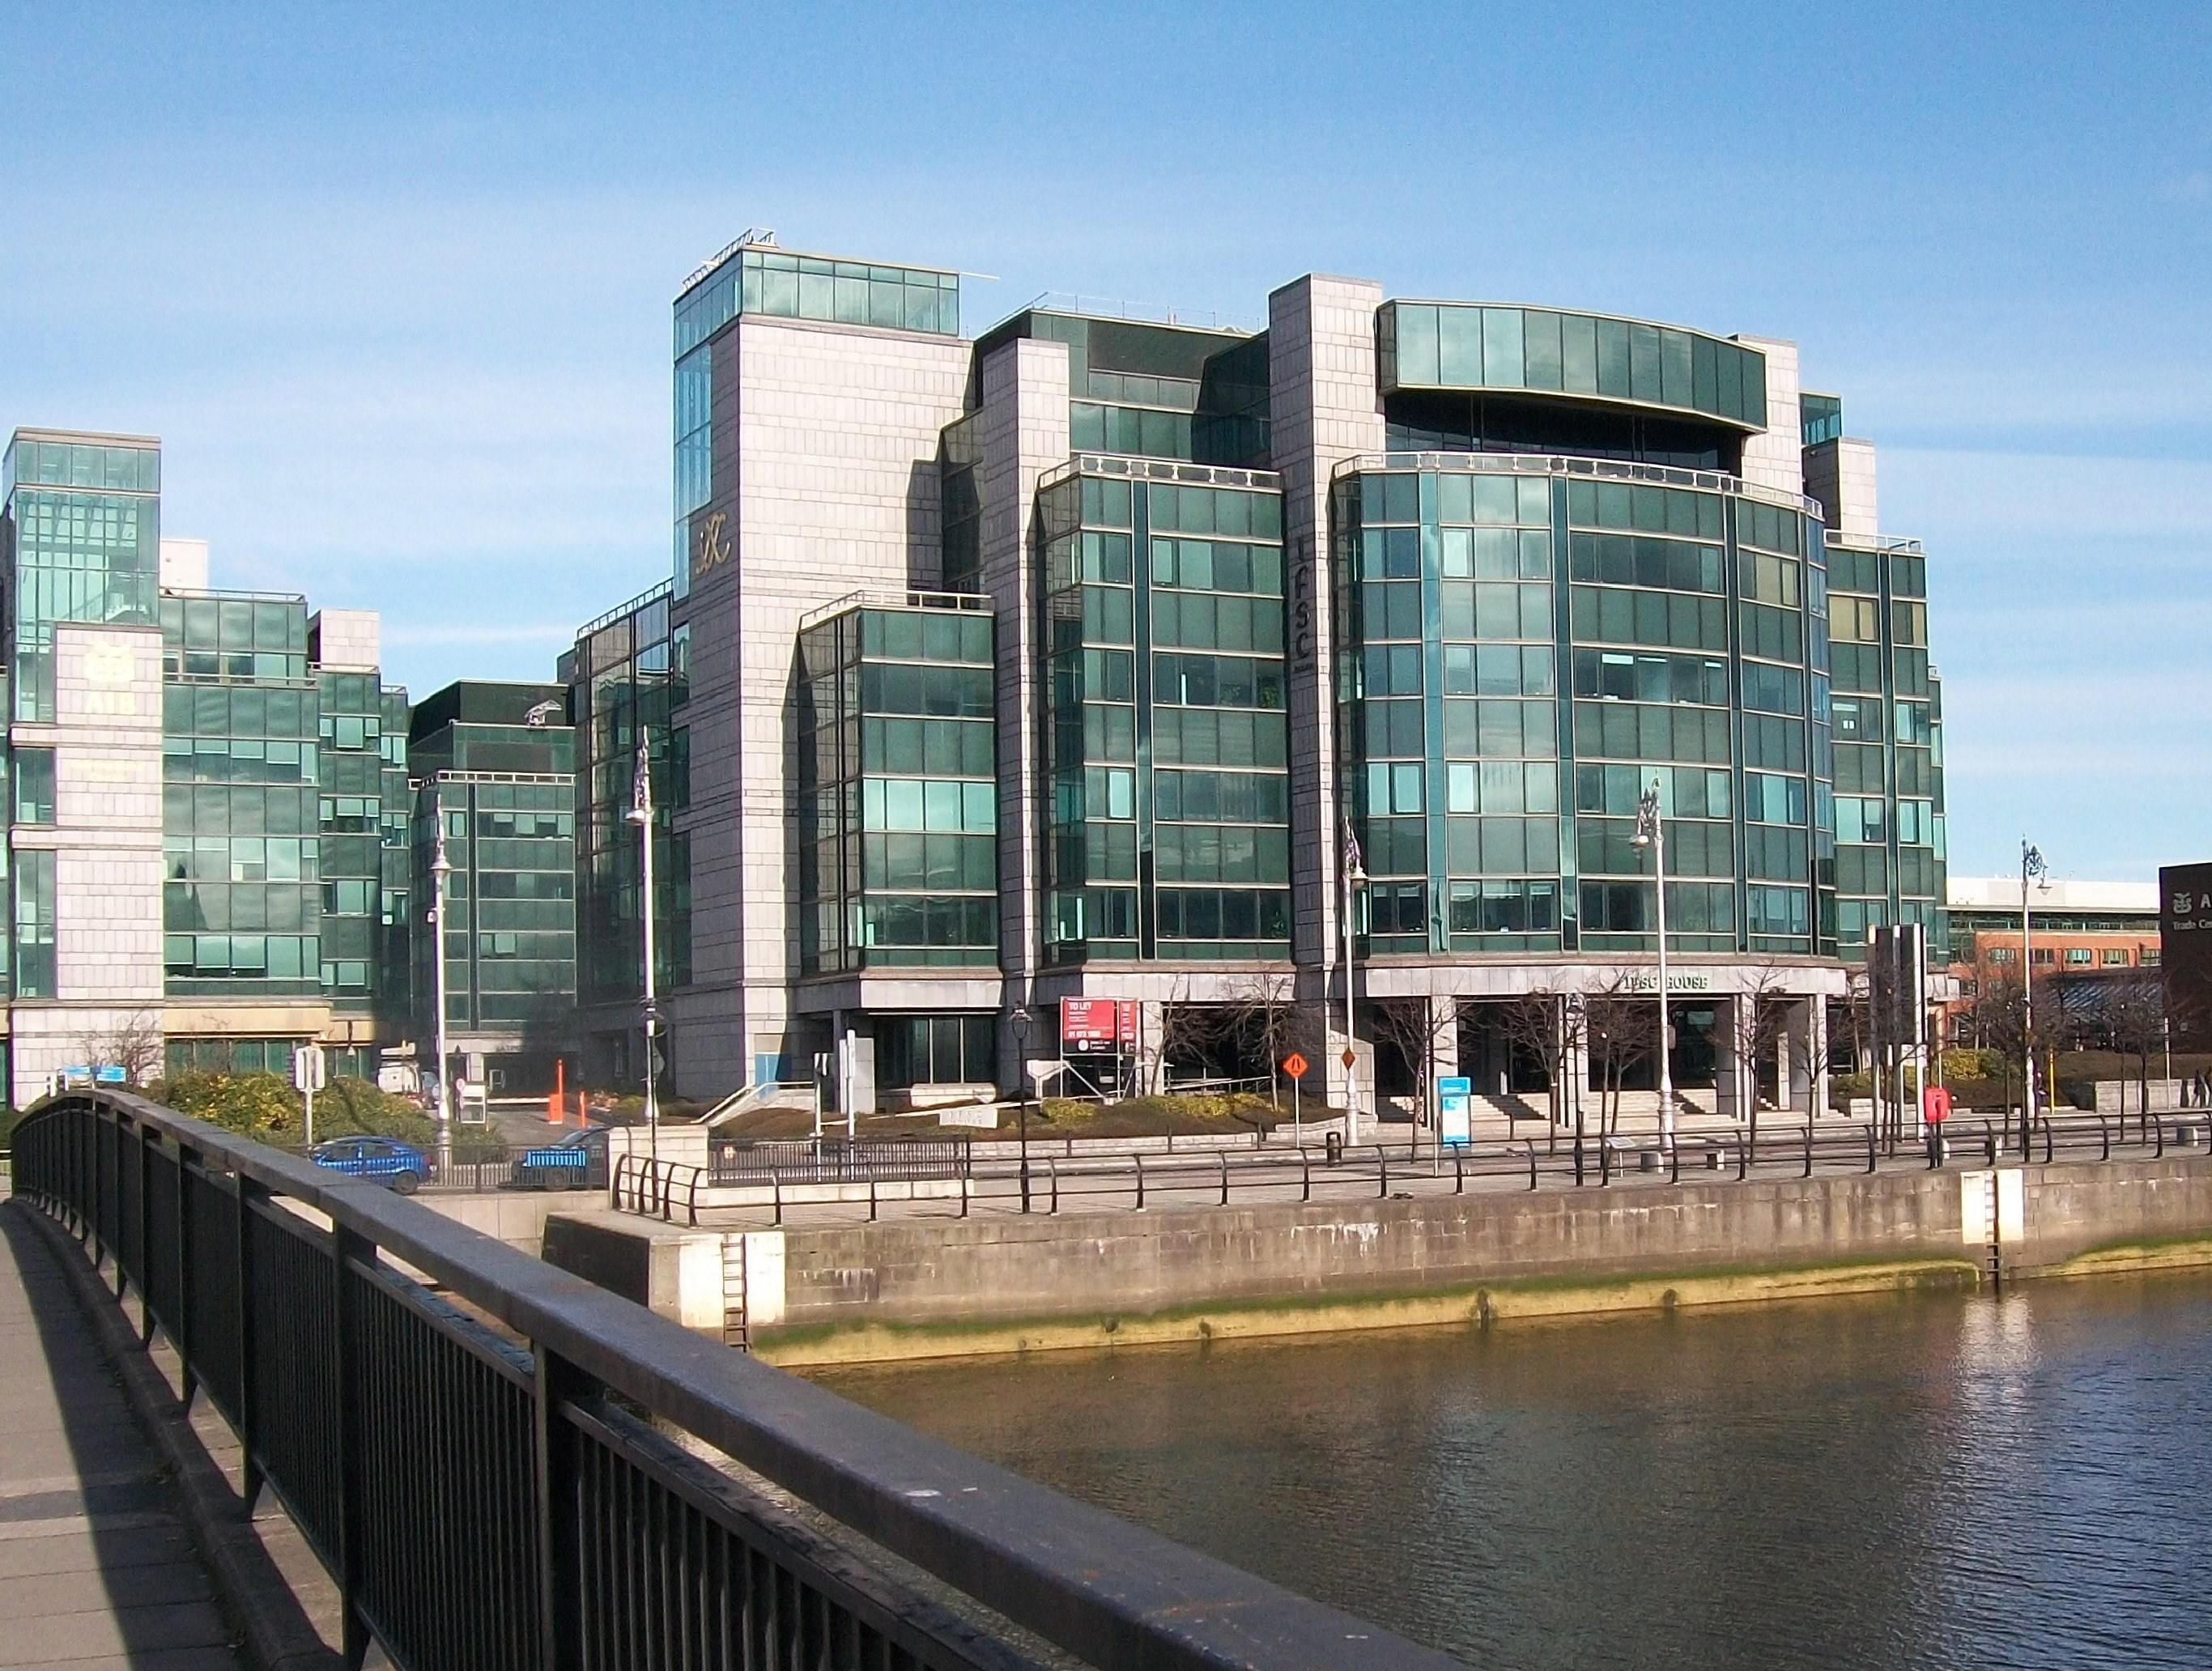 Offshore financial centre - Wikipedia